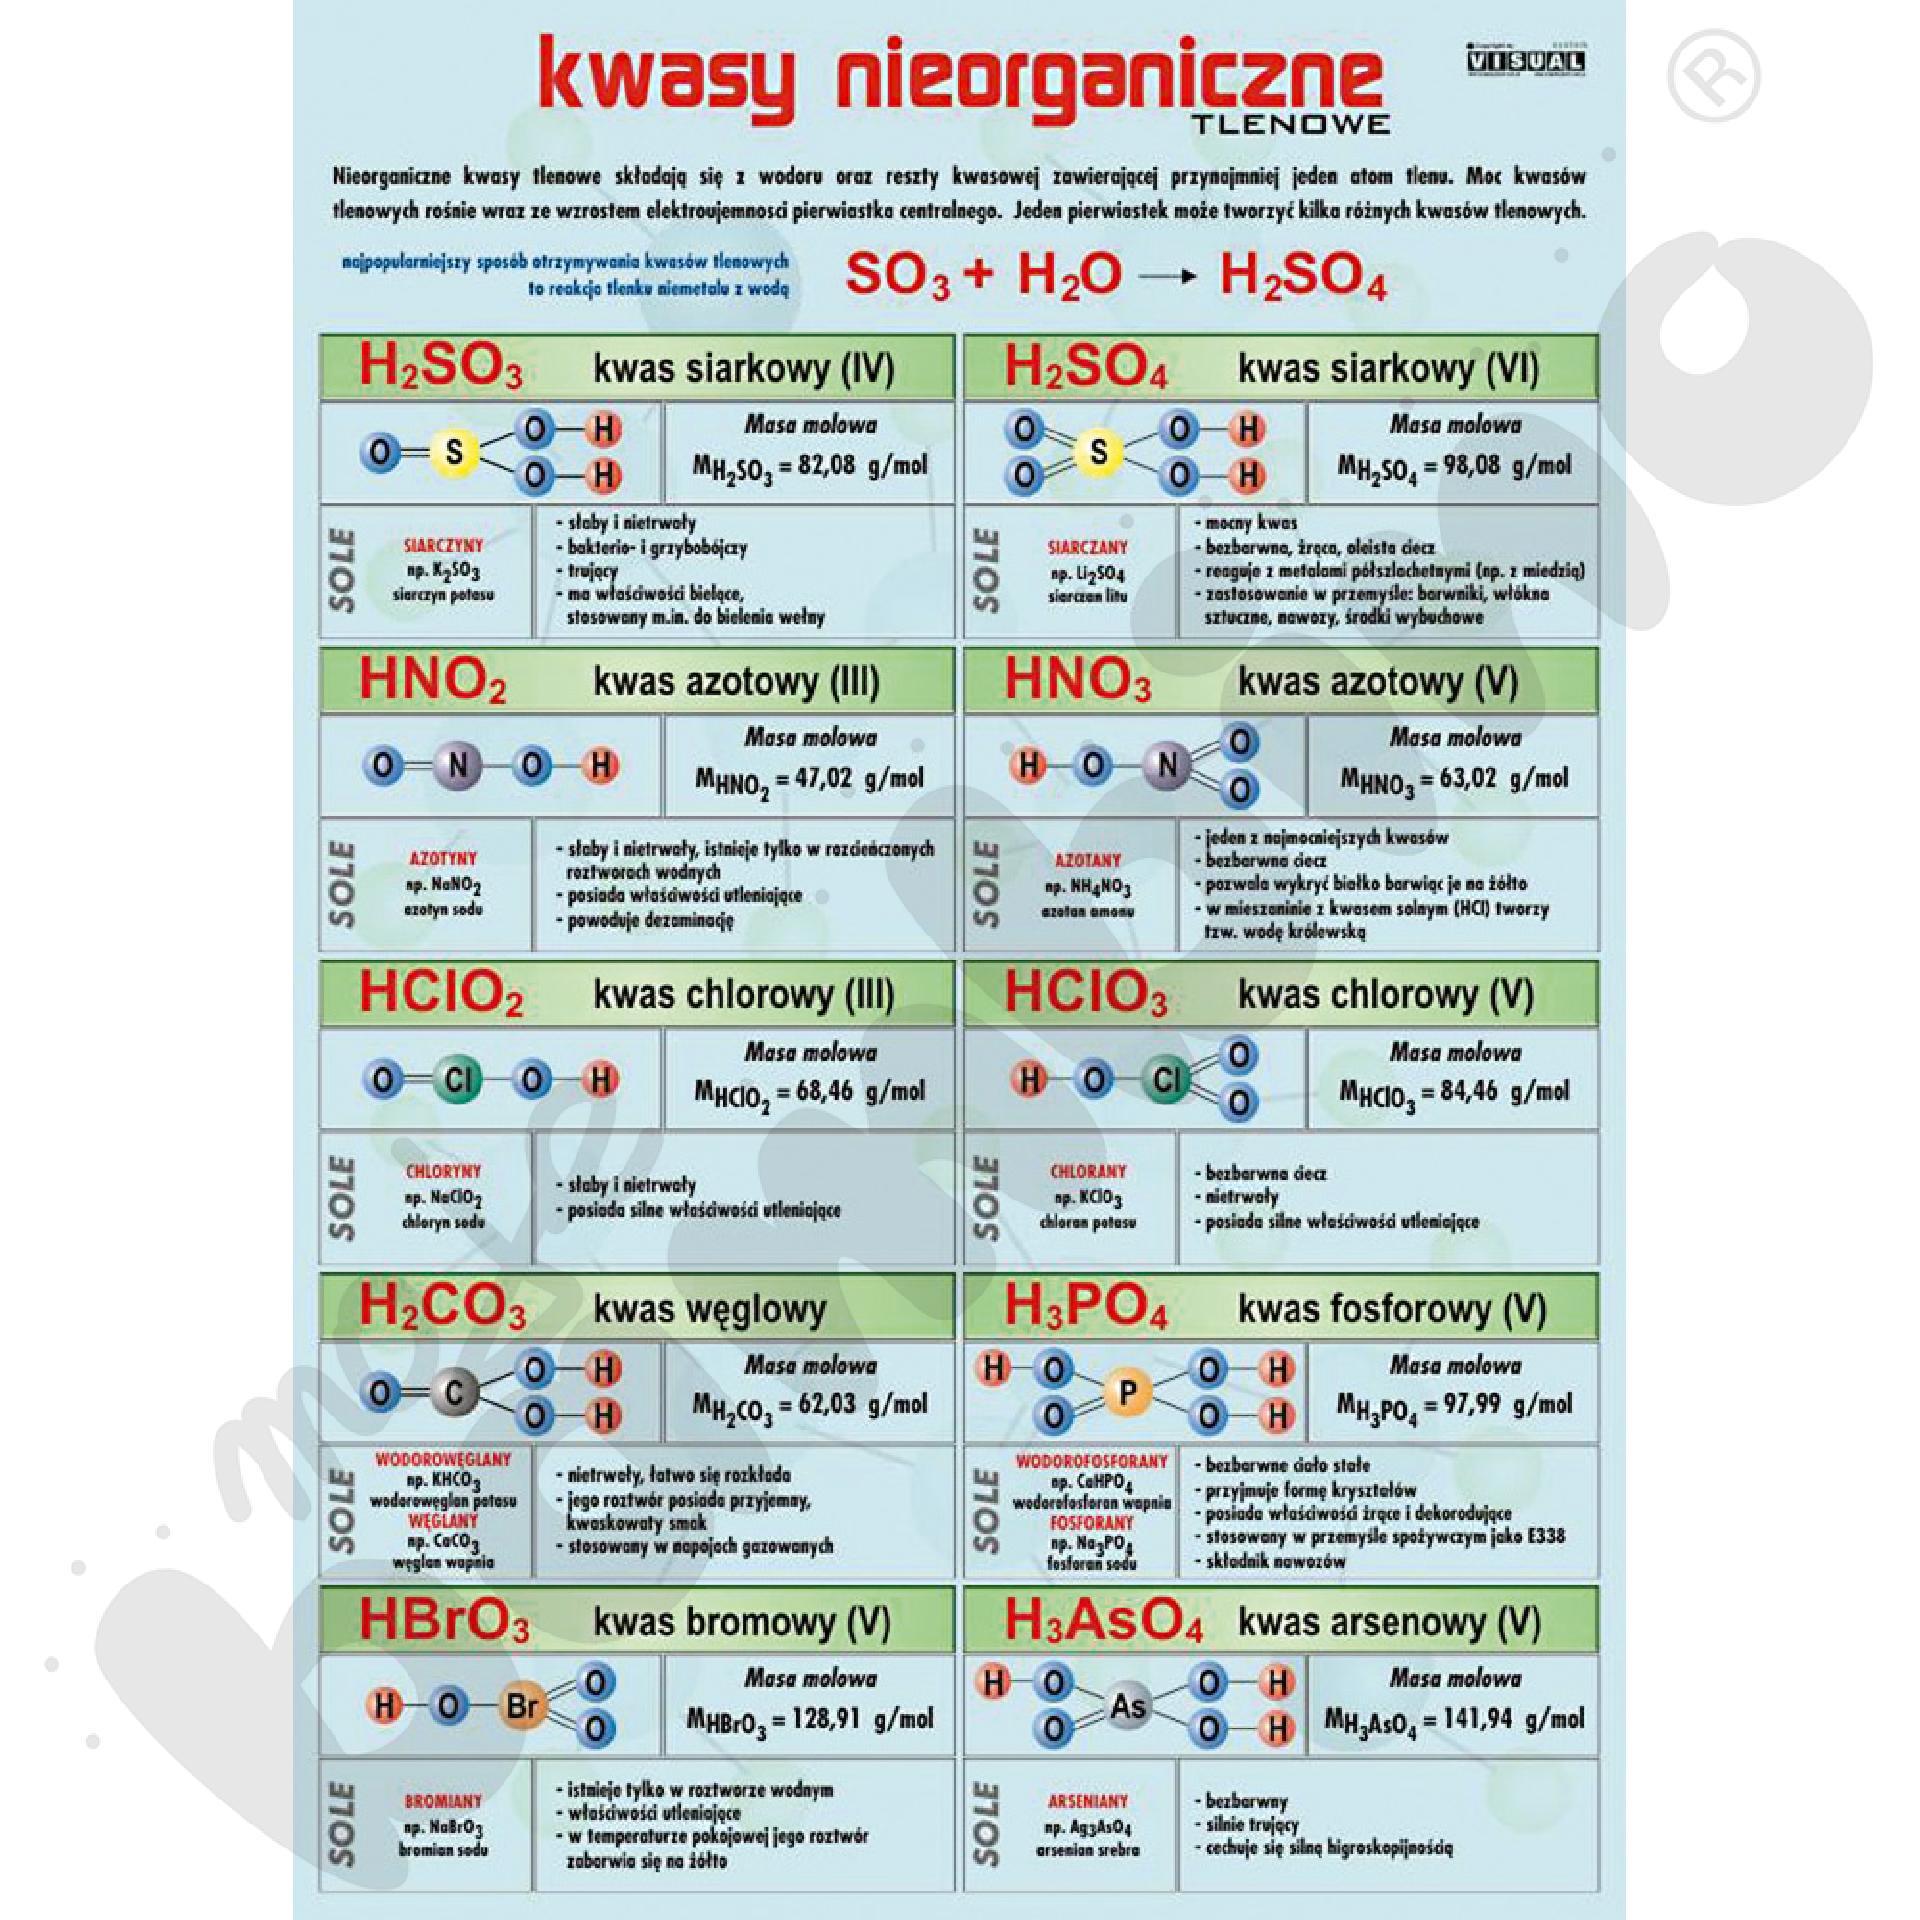 Plansza dydaktyczna - Kwasy nieorganiczne tlenowe